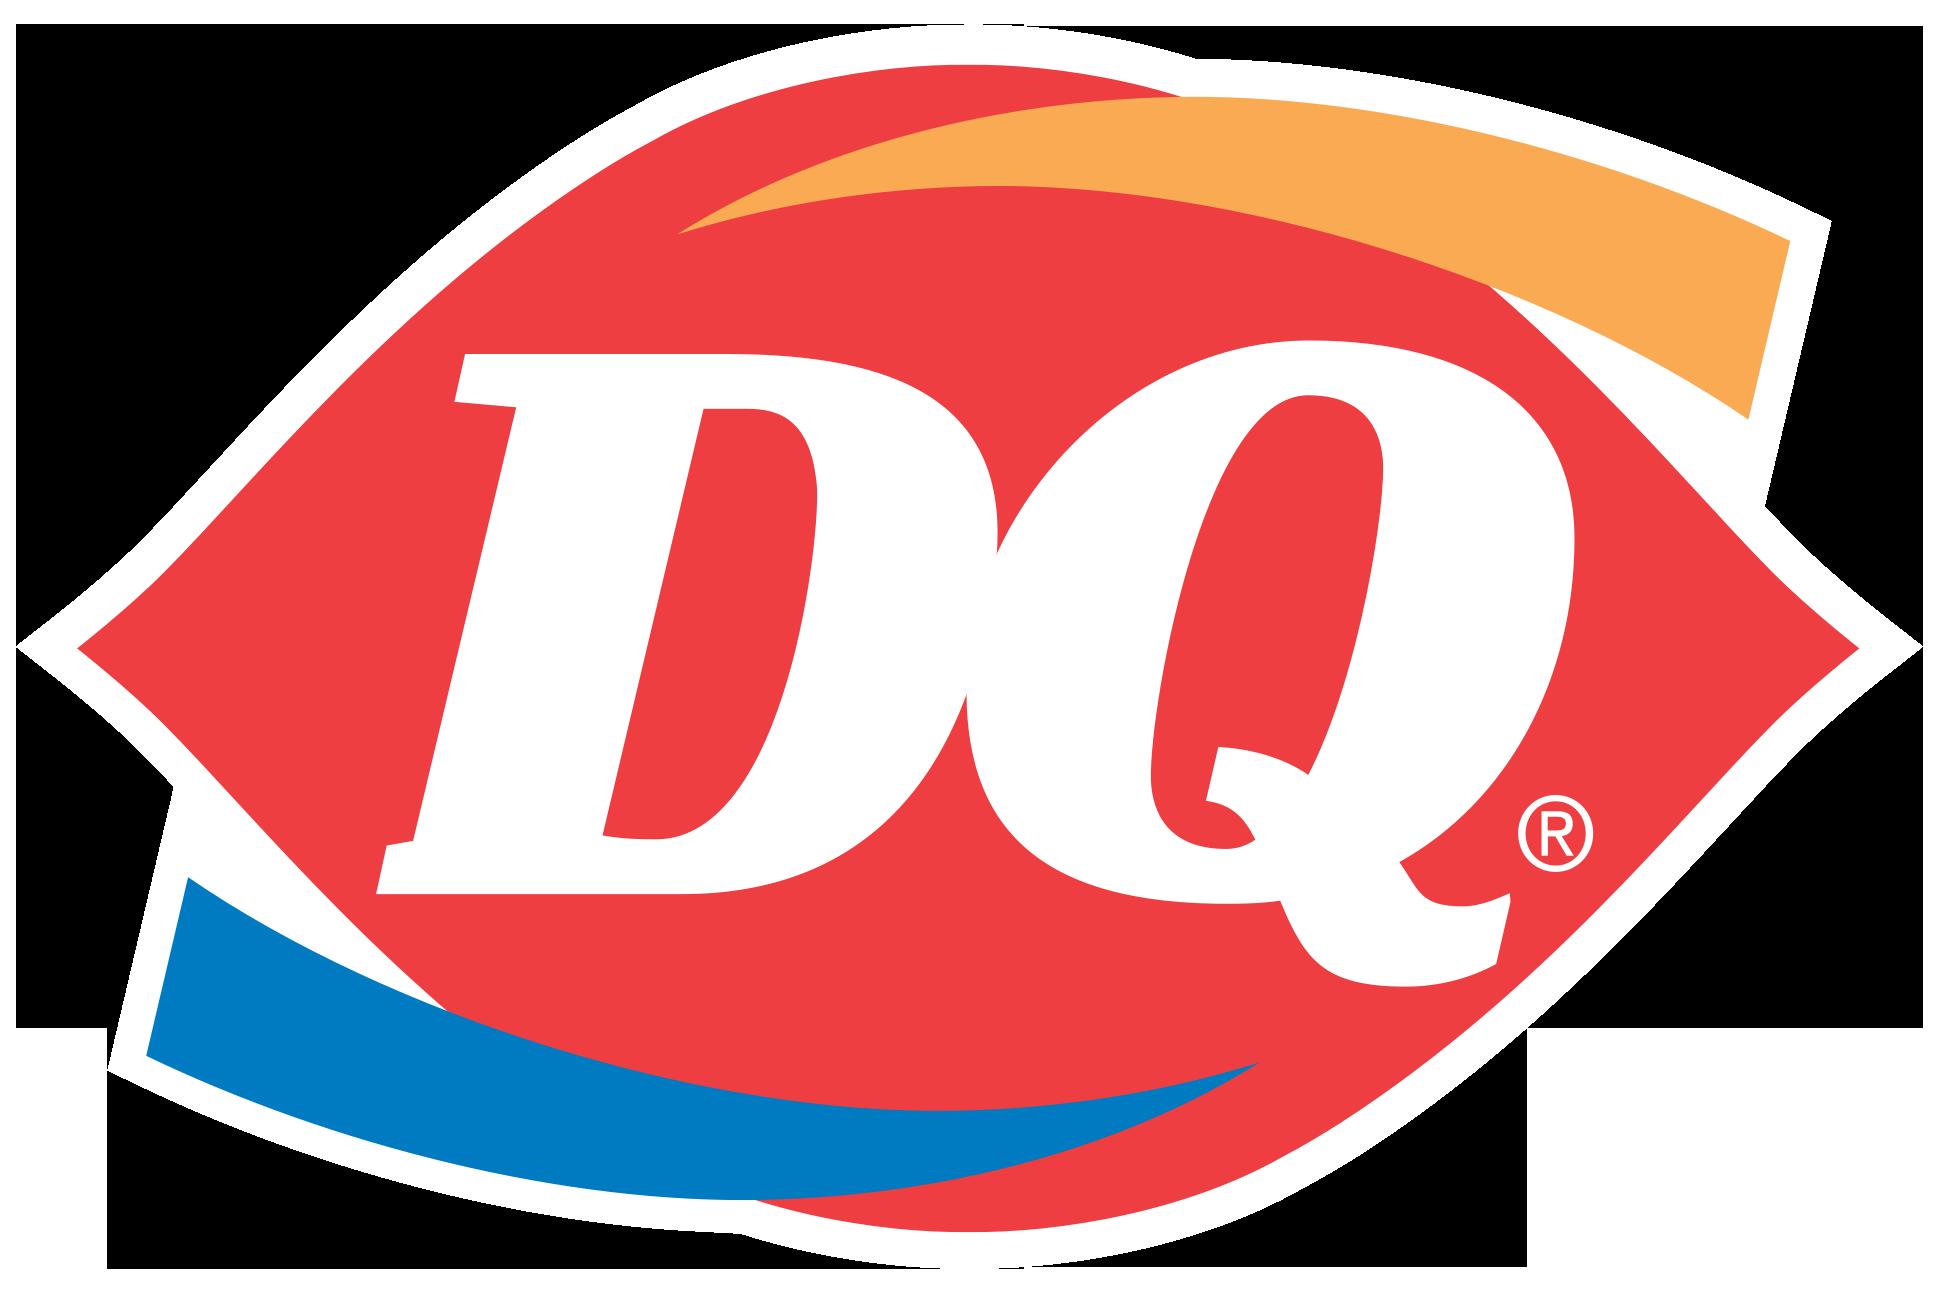 Dairy_Queen_logo.png